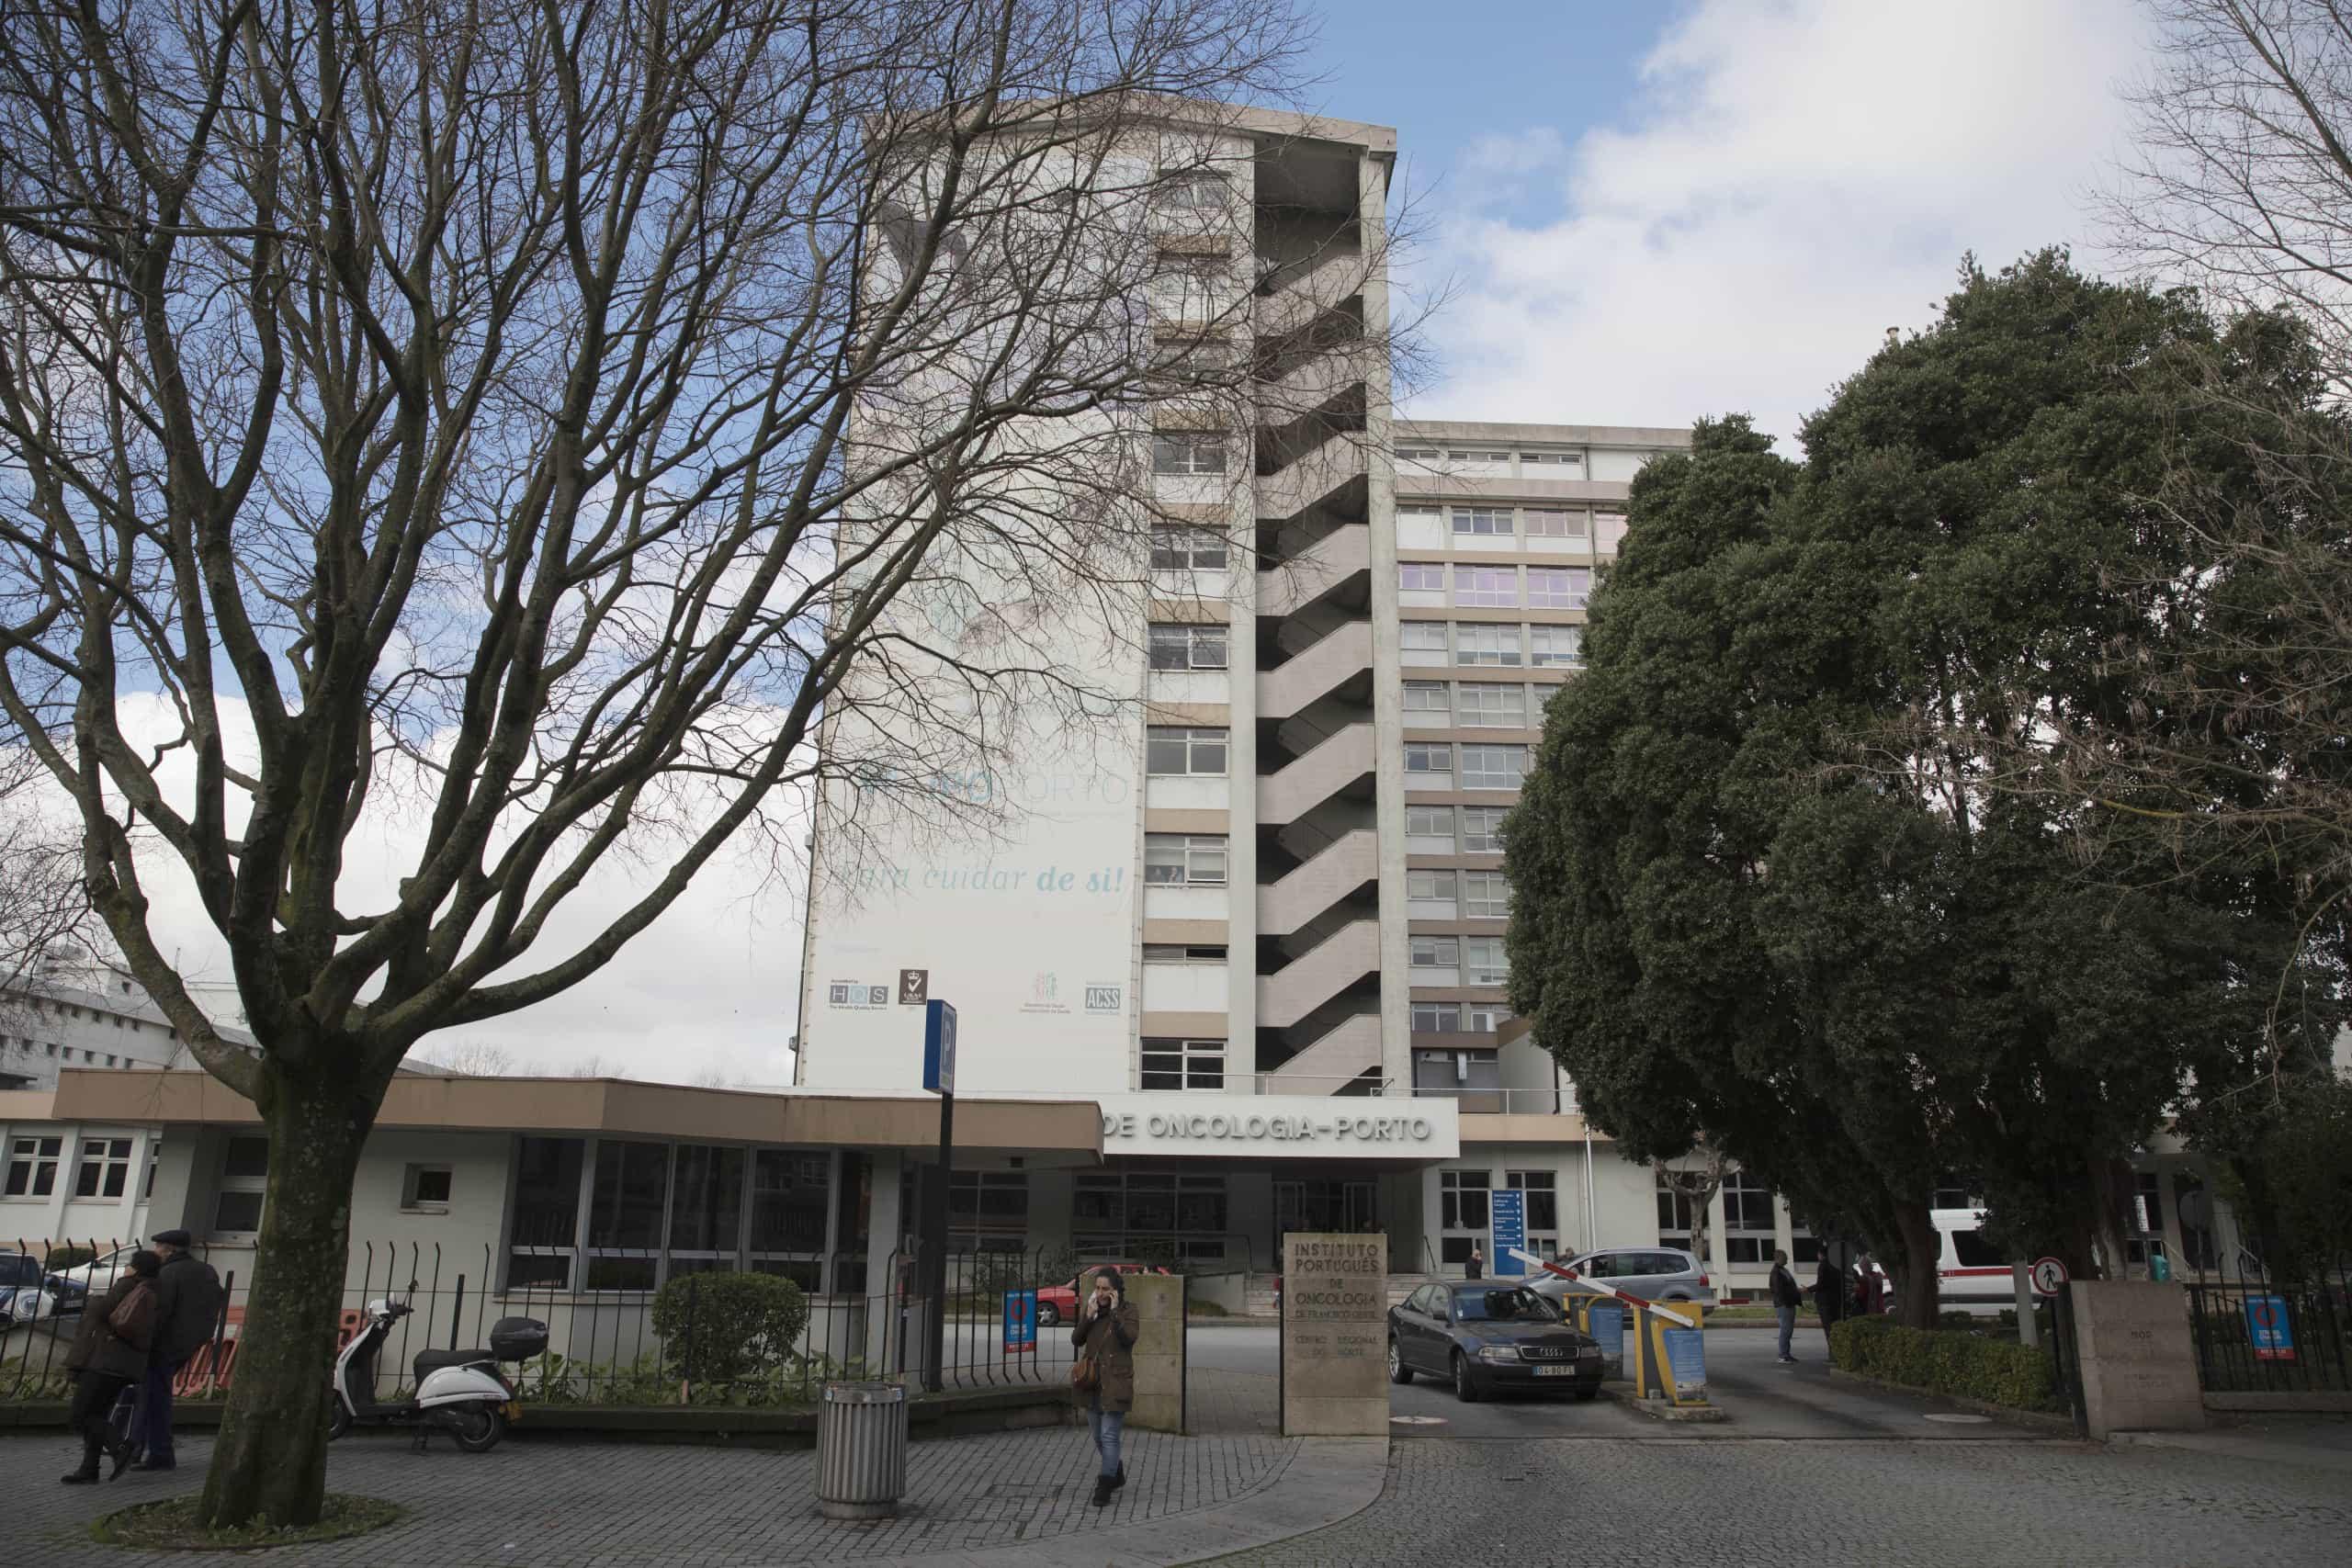 Registado recorde de participações em ensaios clínicos no IPO-Porto